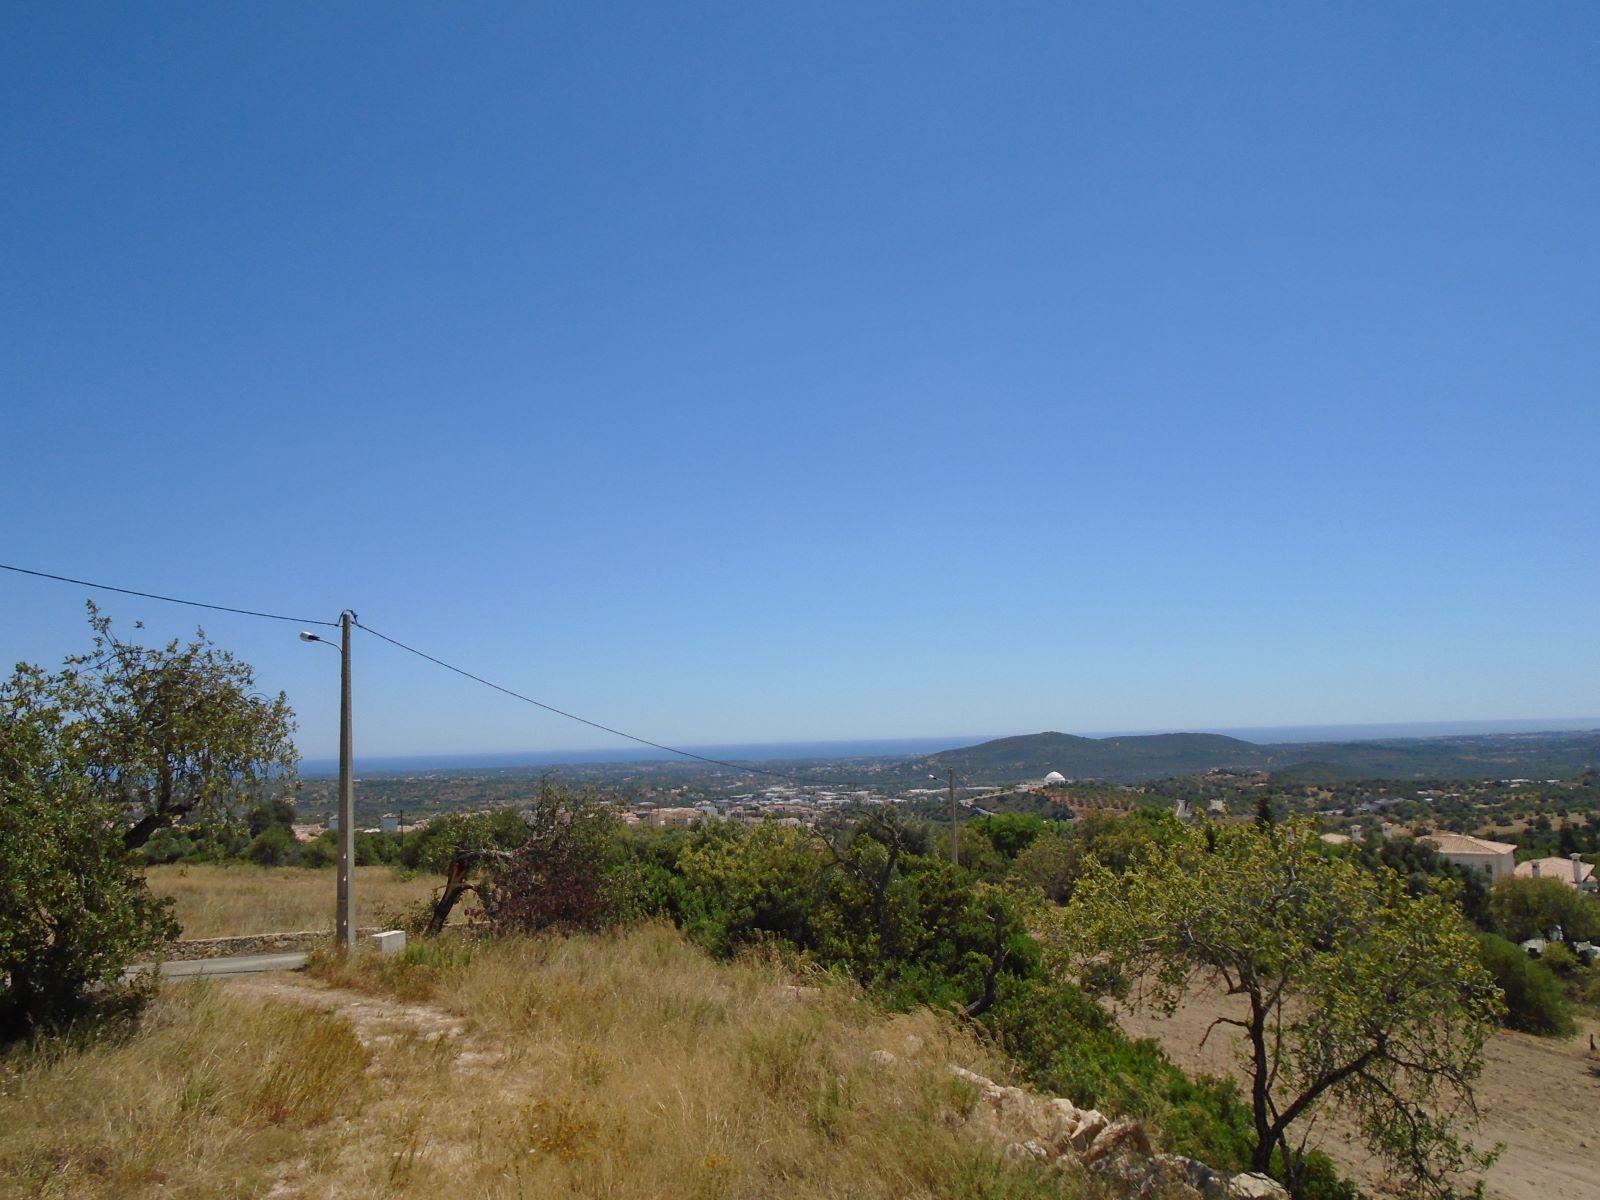 Terreno para construção com vista mar próximo de Loulé PC286